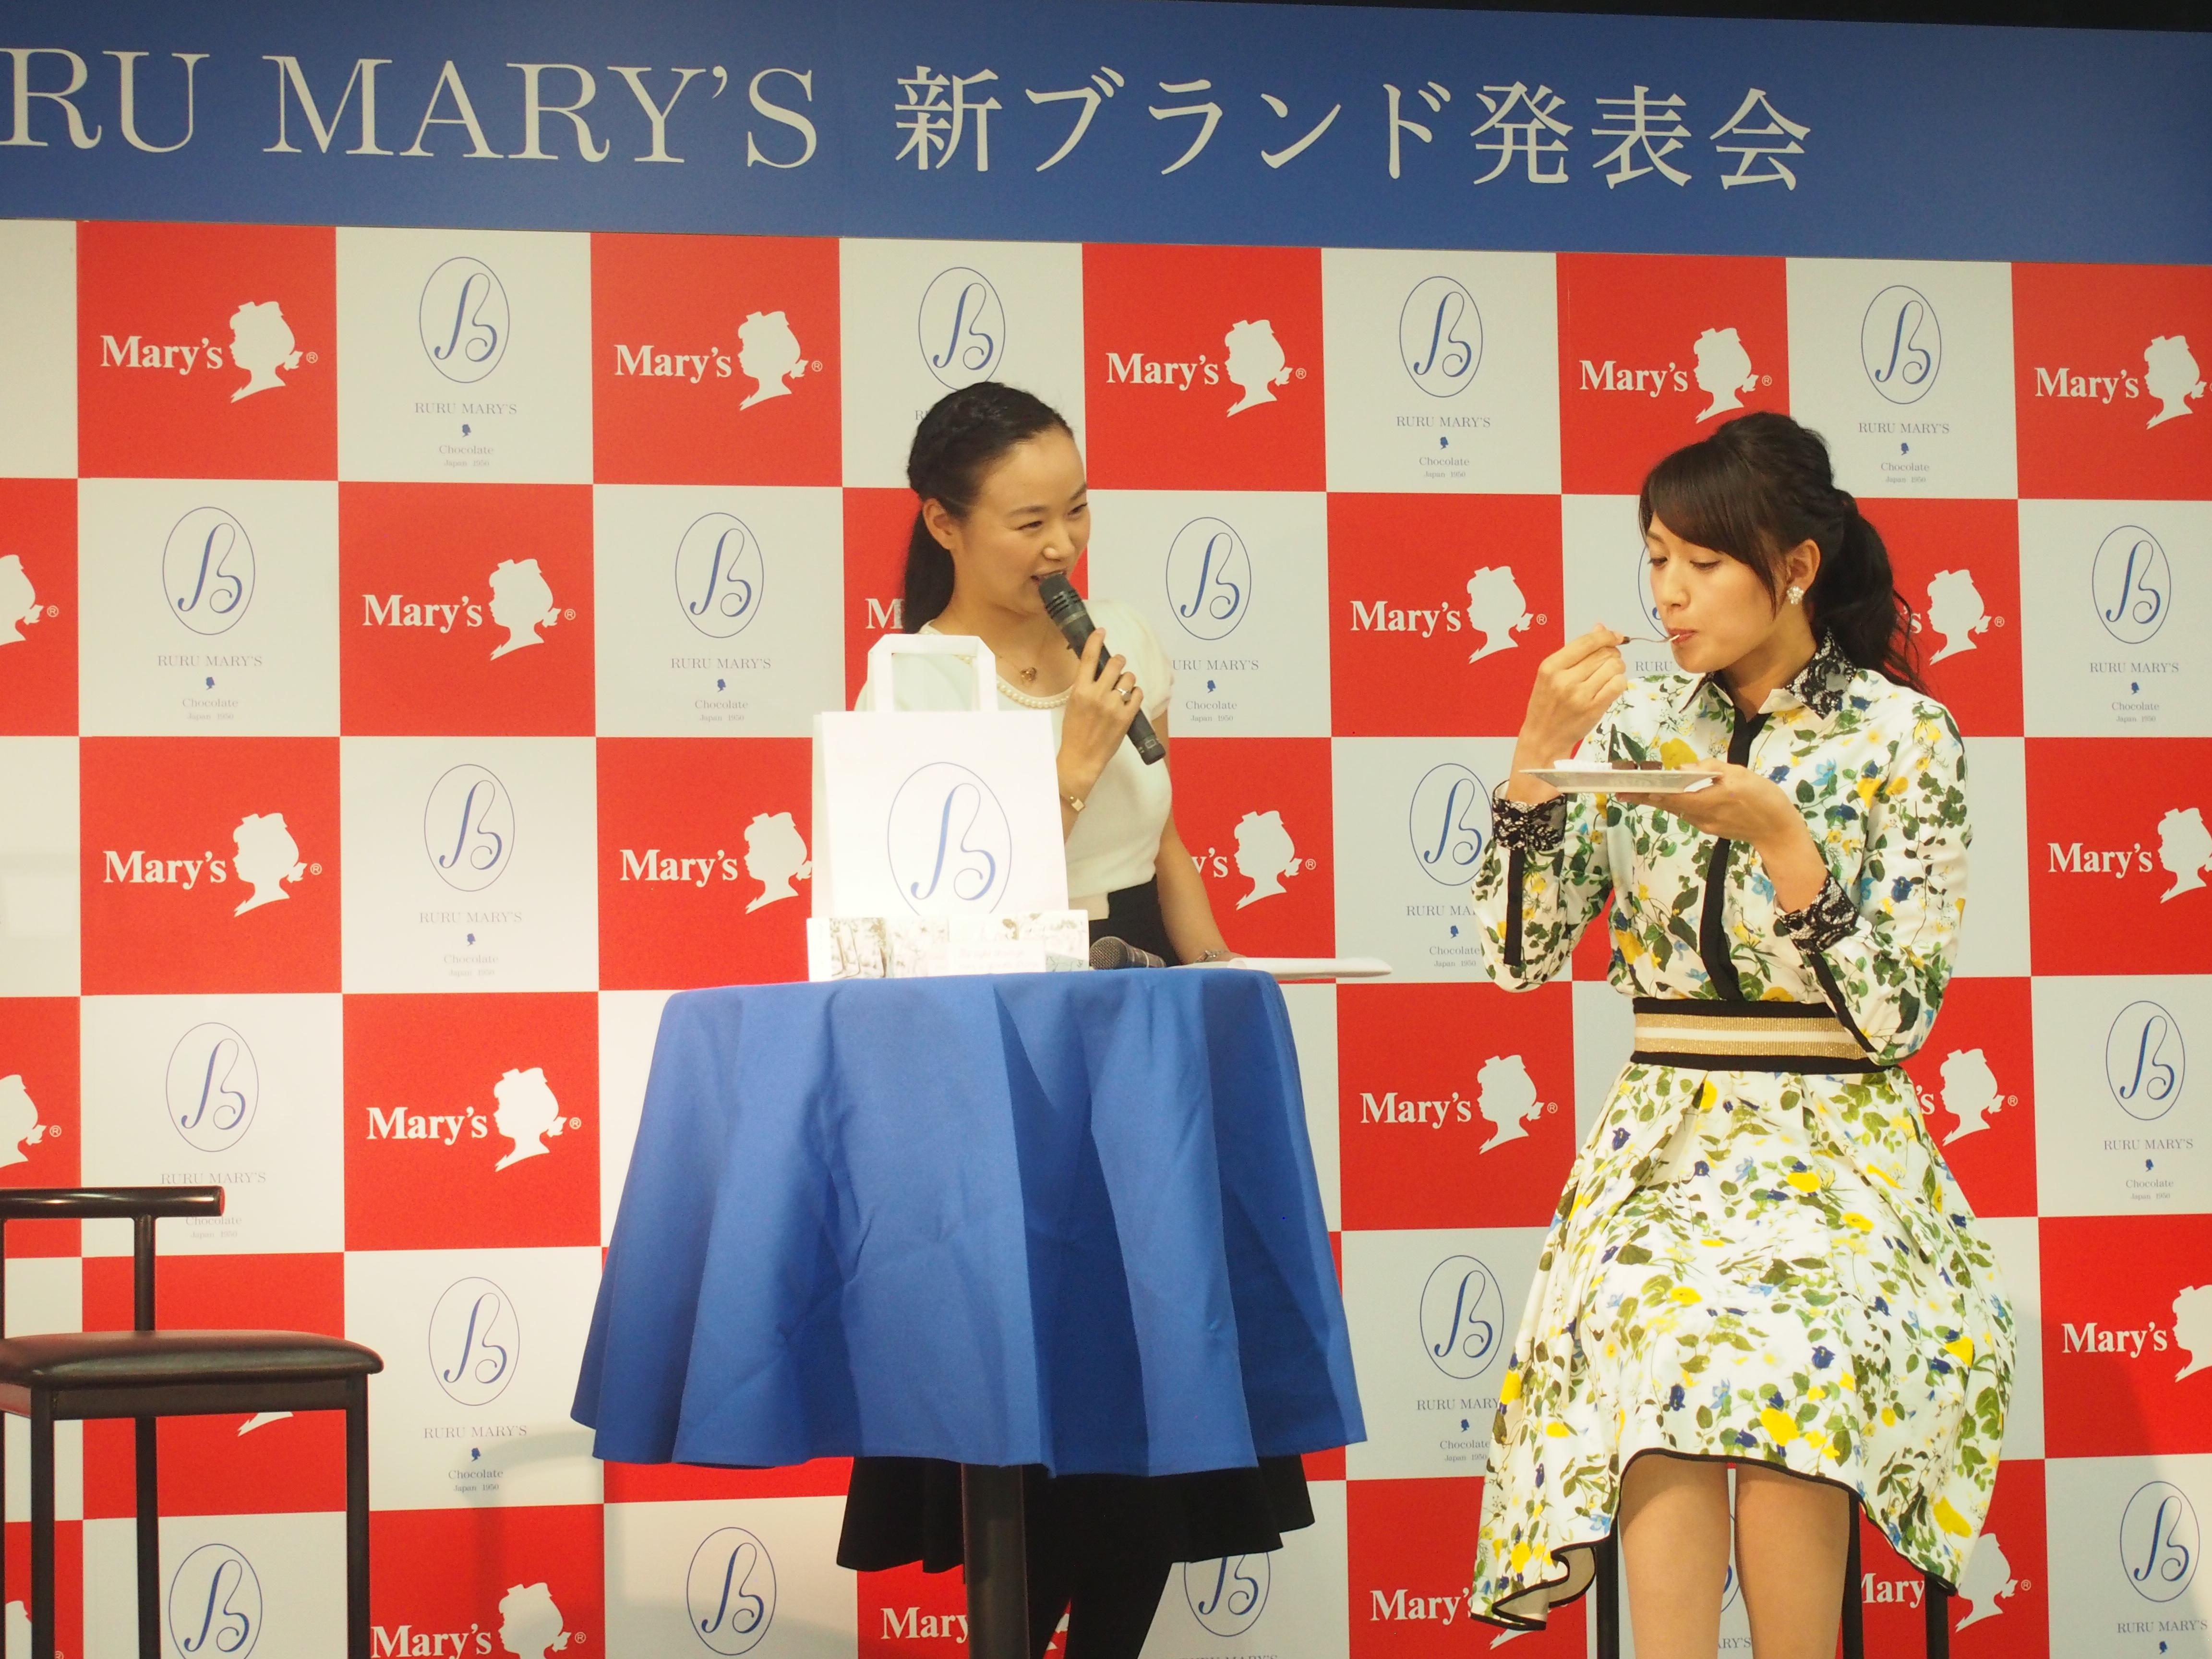 全国に先駆け名古屋に!人気チョコ専門店発の新ブランド「RURU MARY'S」 - PA032300